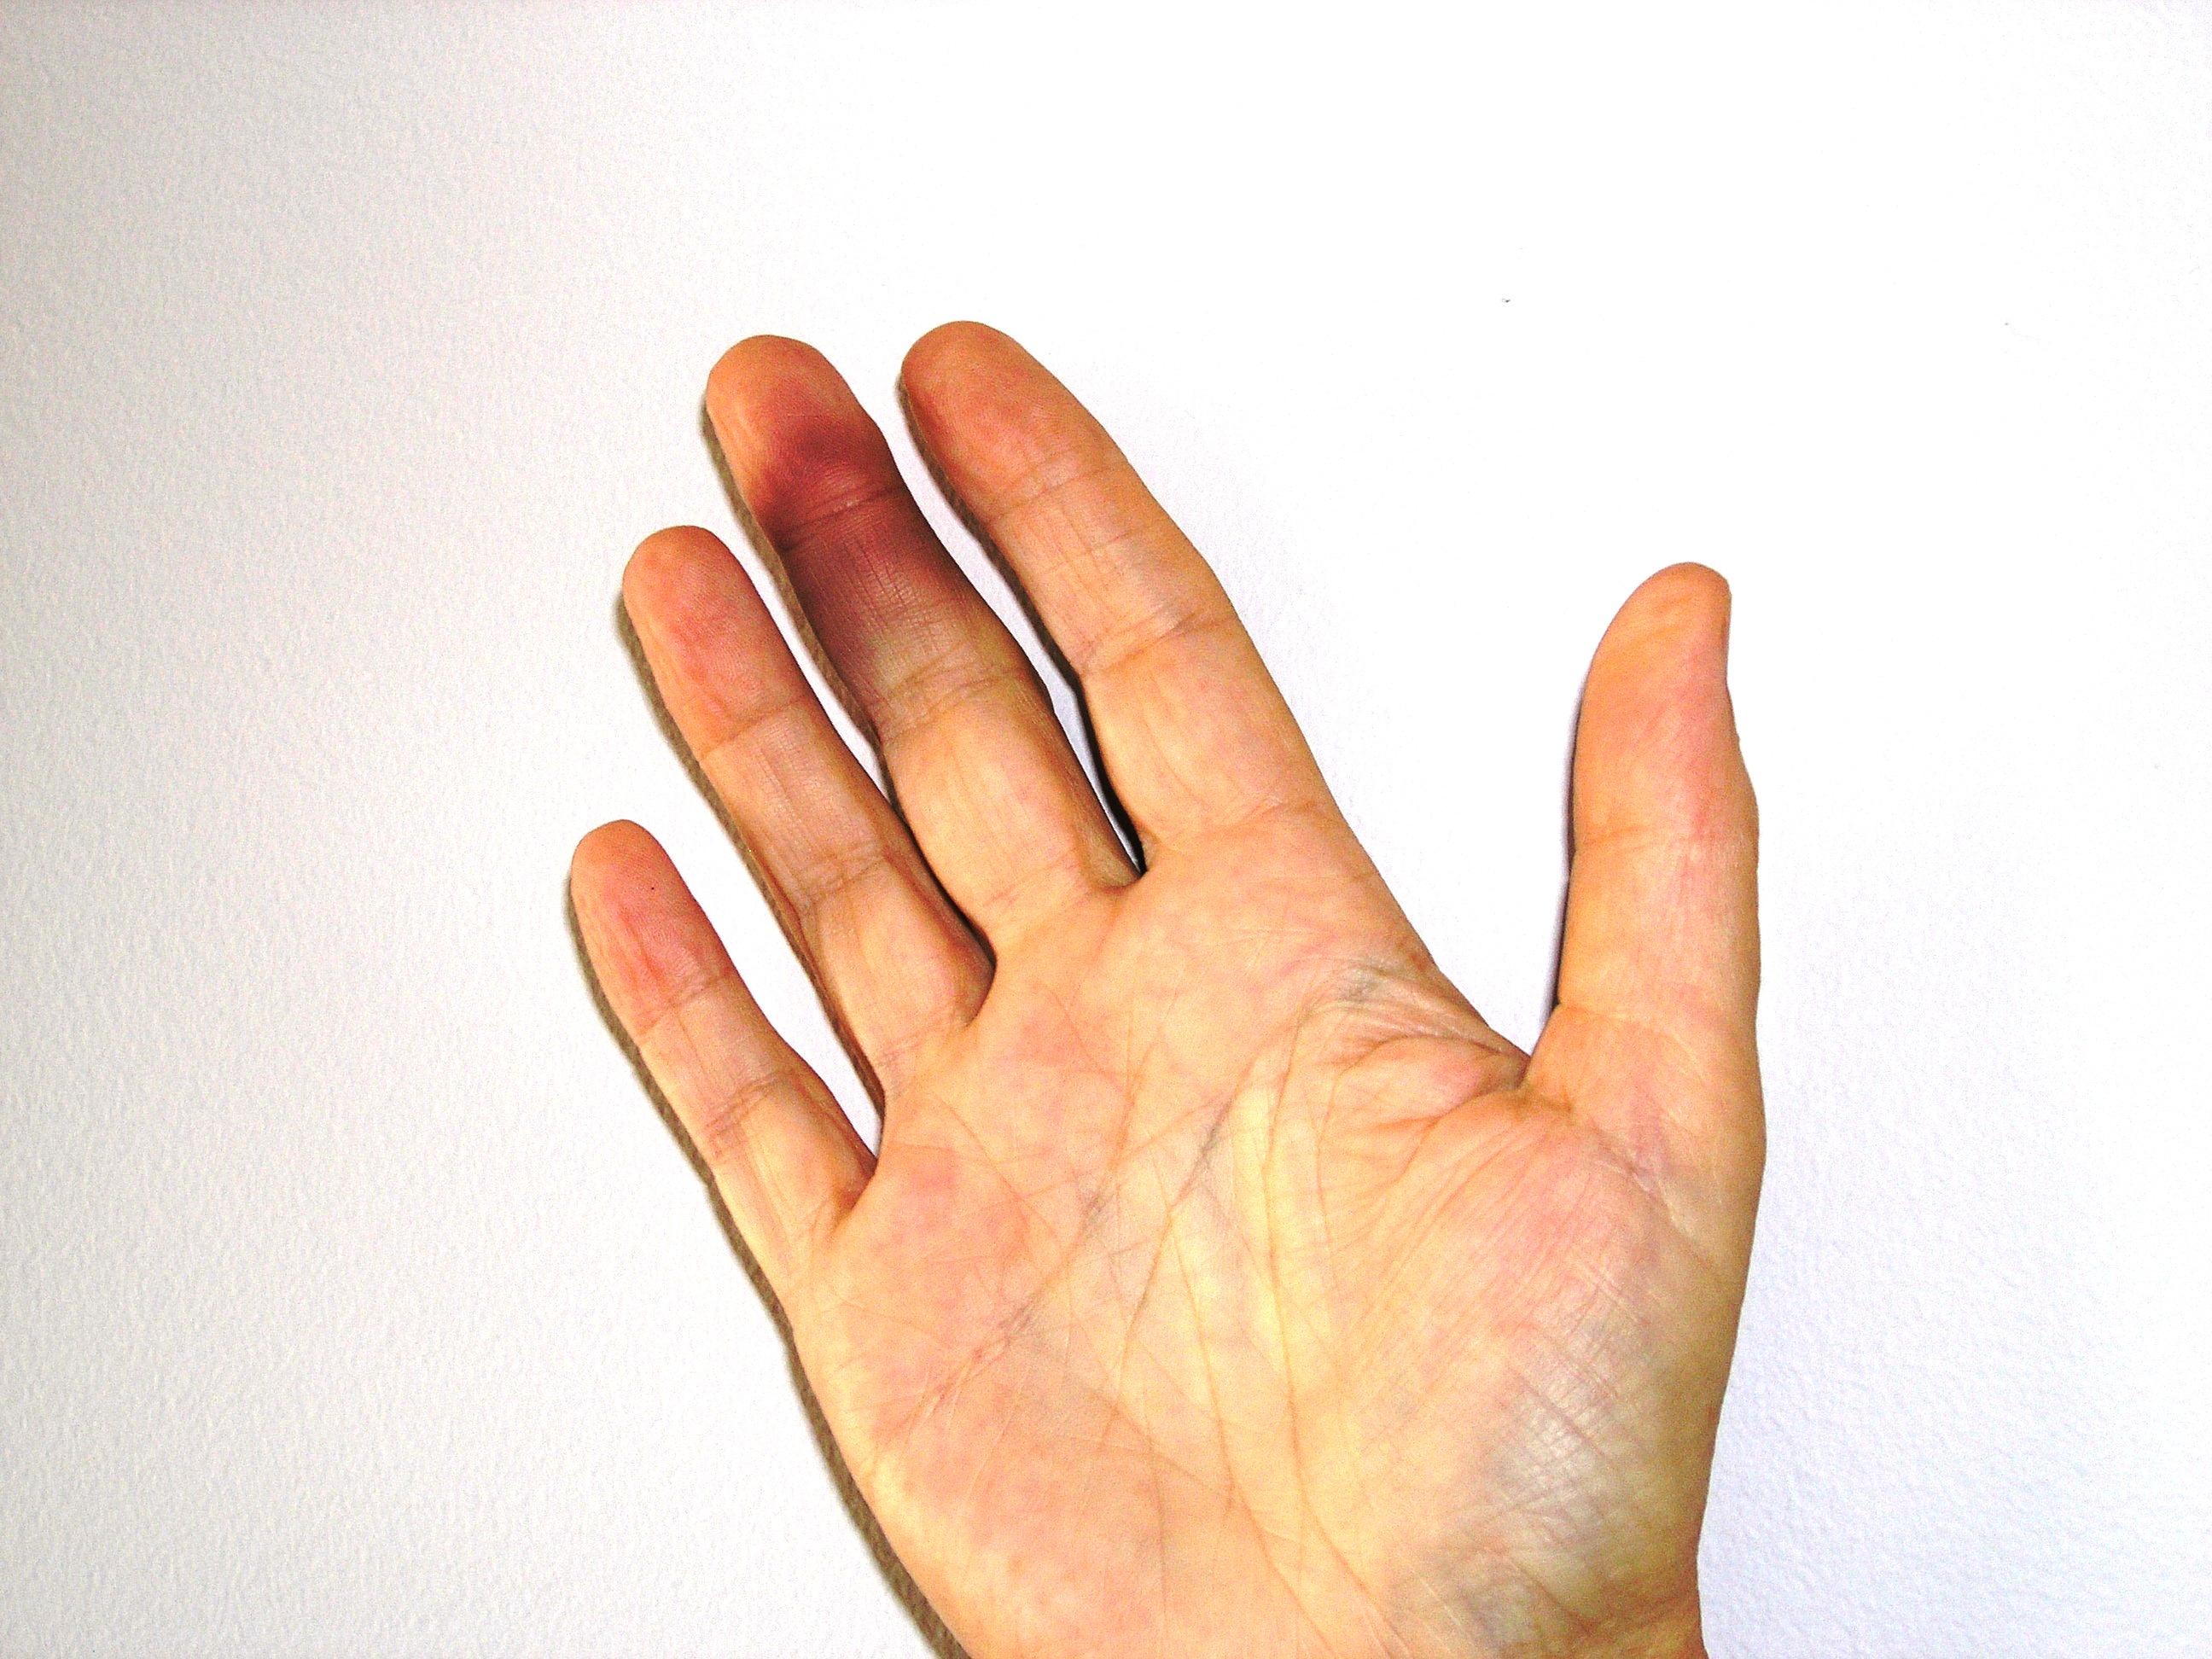 Black finger